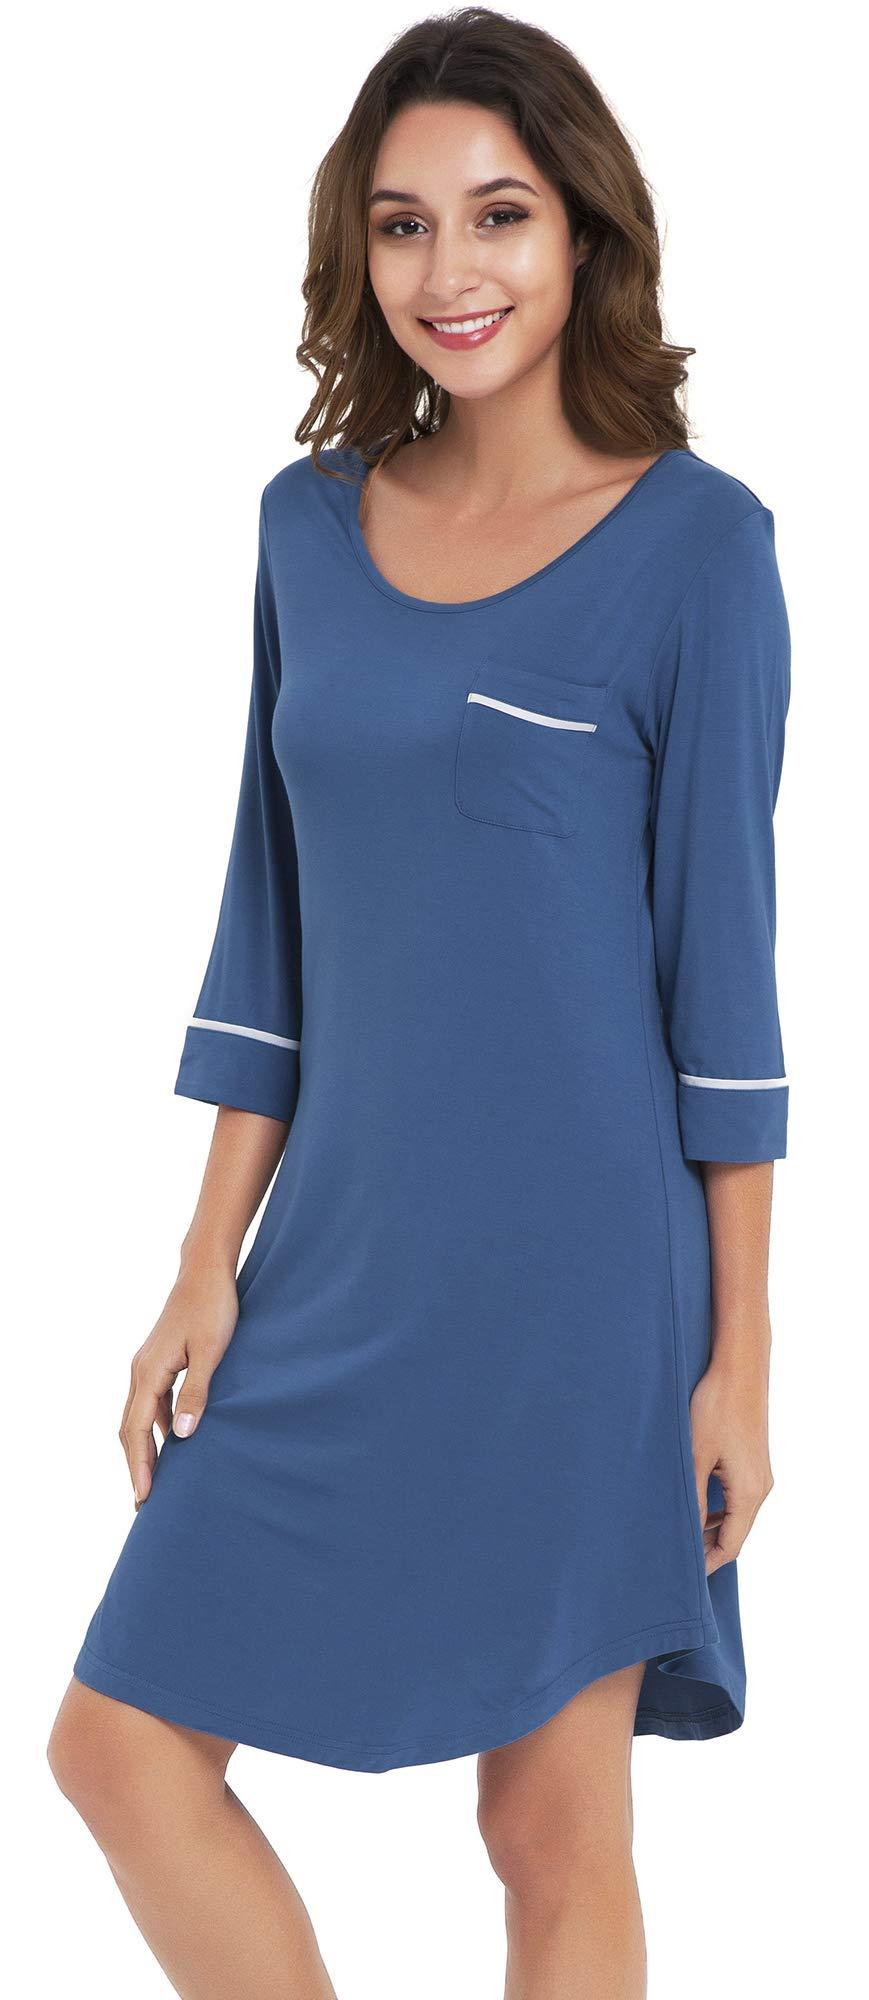 NEIWAI Women's Nightshirts Bamboo 3/4 Sleeve Sleep Shirts Nightgown S-4X